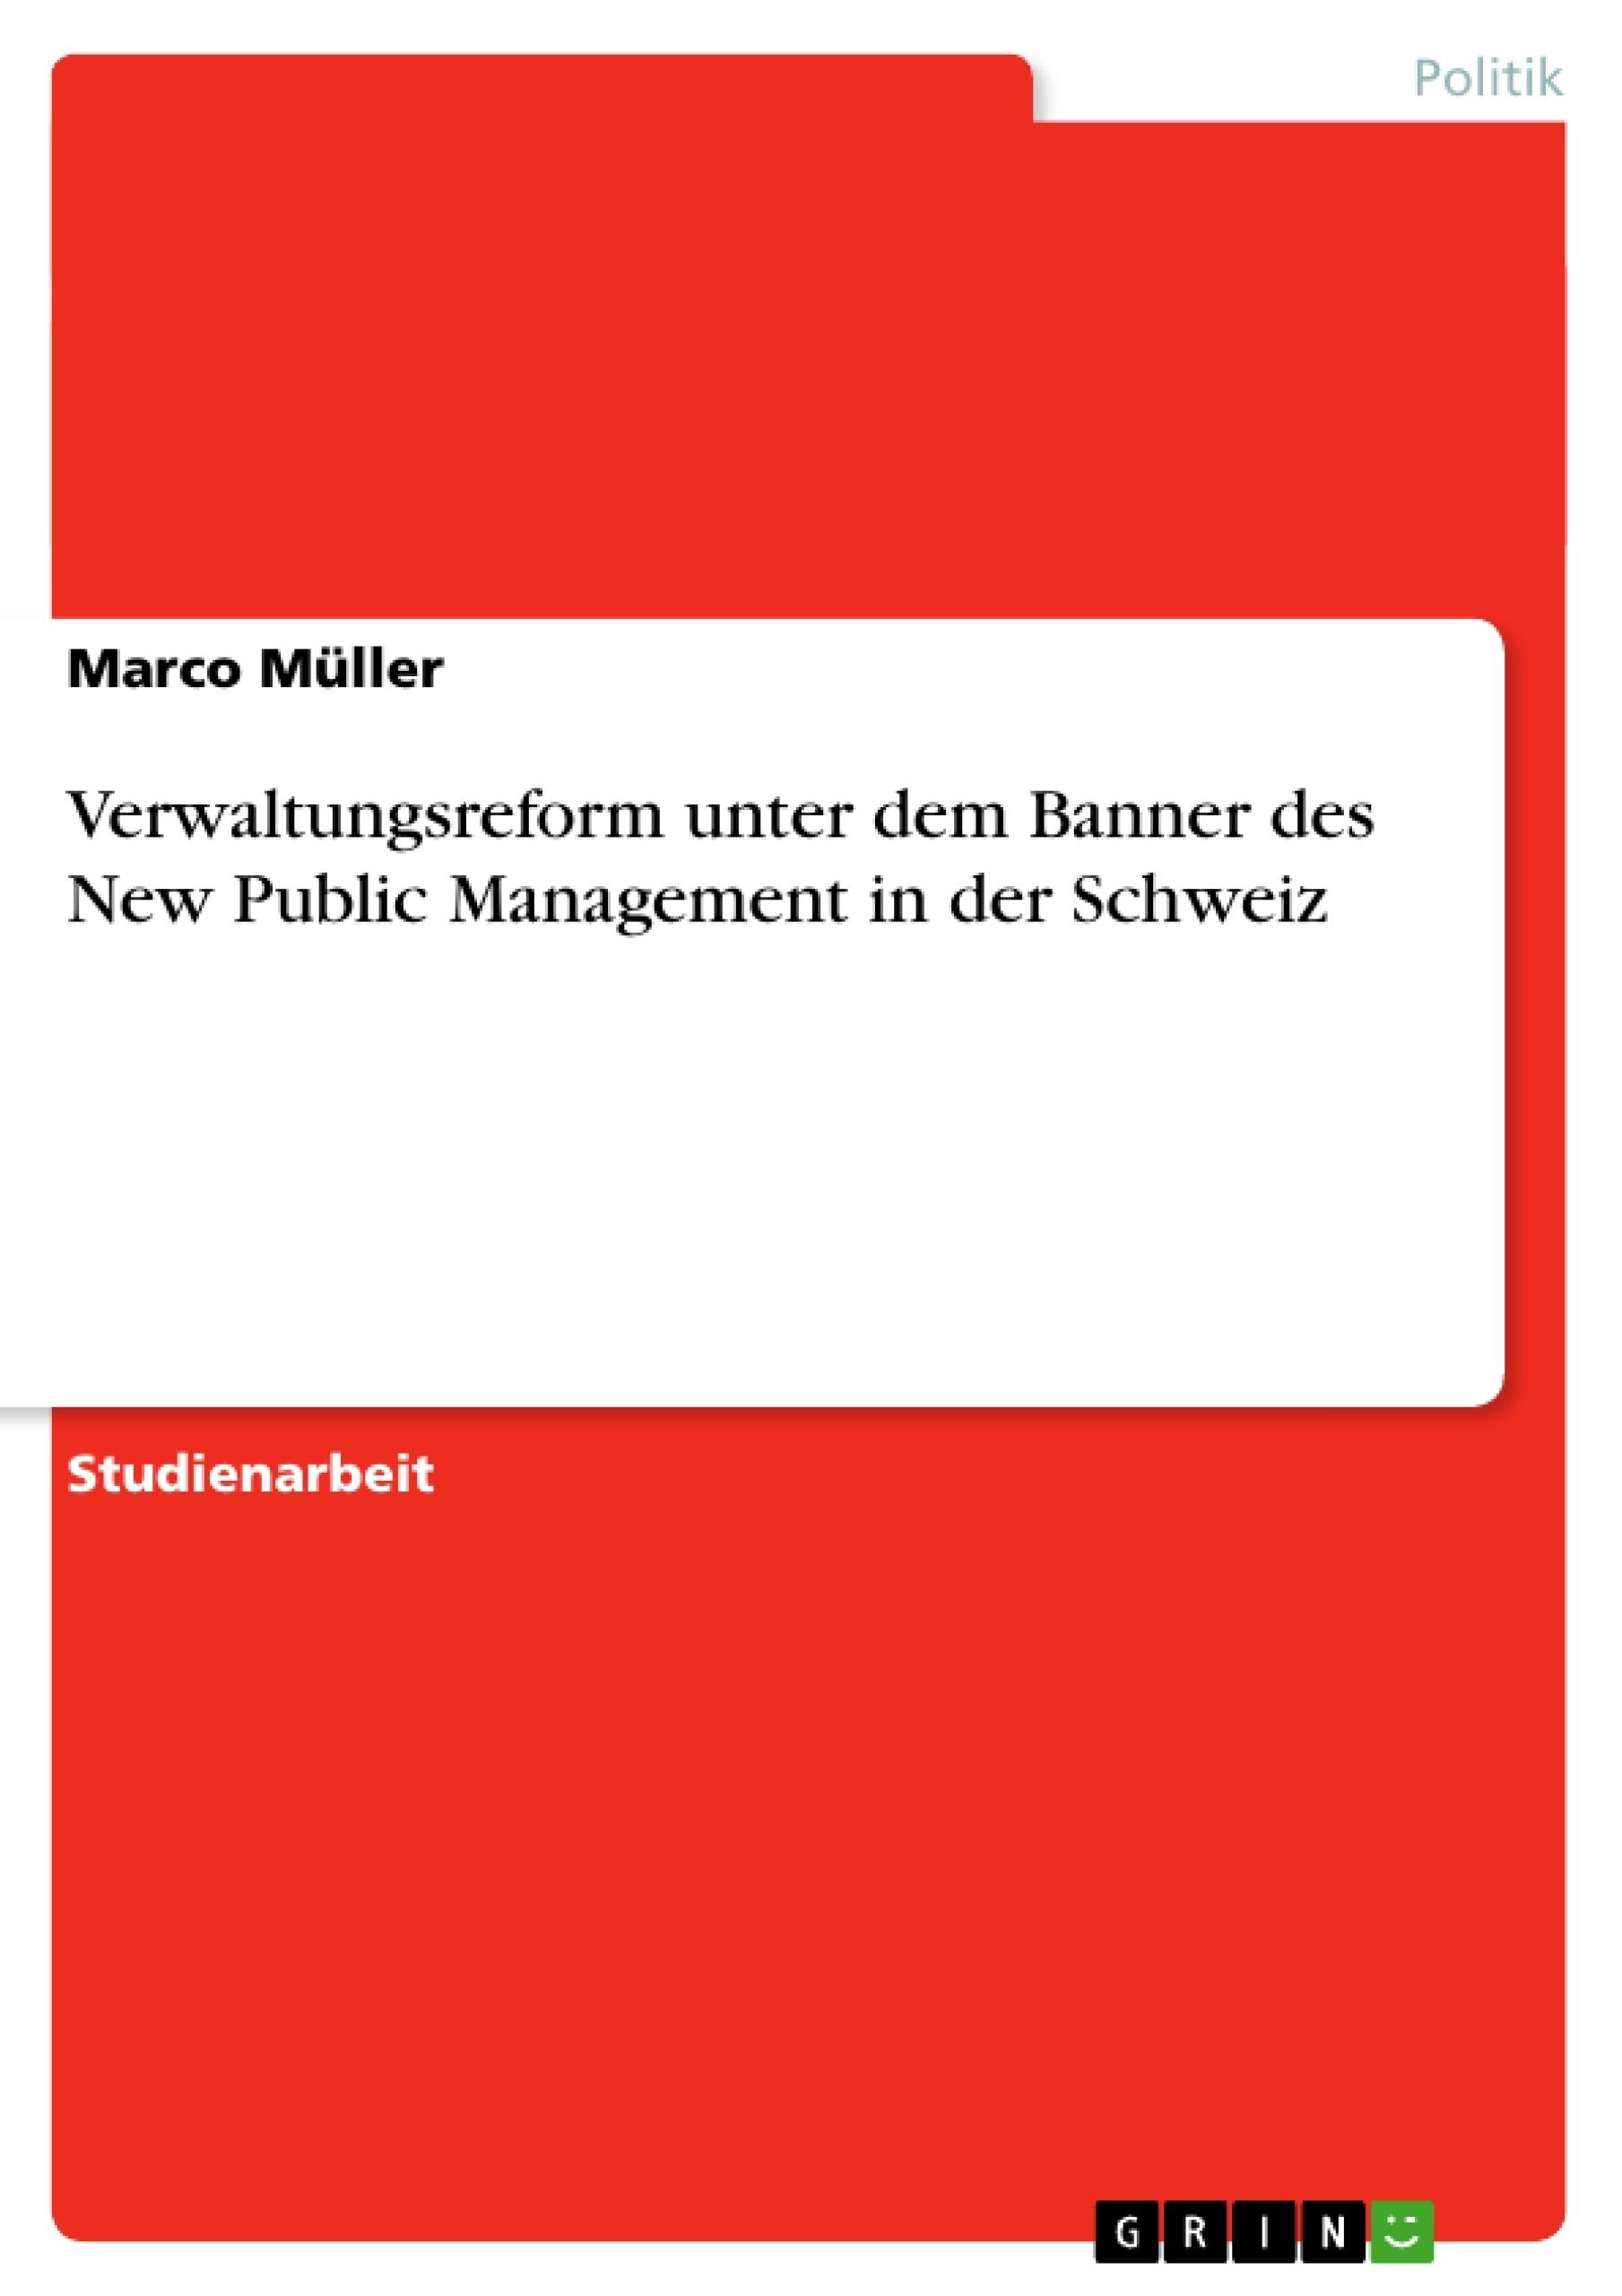 Titel: Verwaltungsreform unter dem Banner des New Public Management in der Schweiz